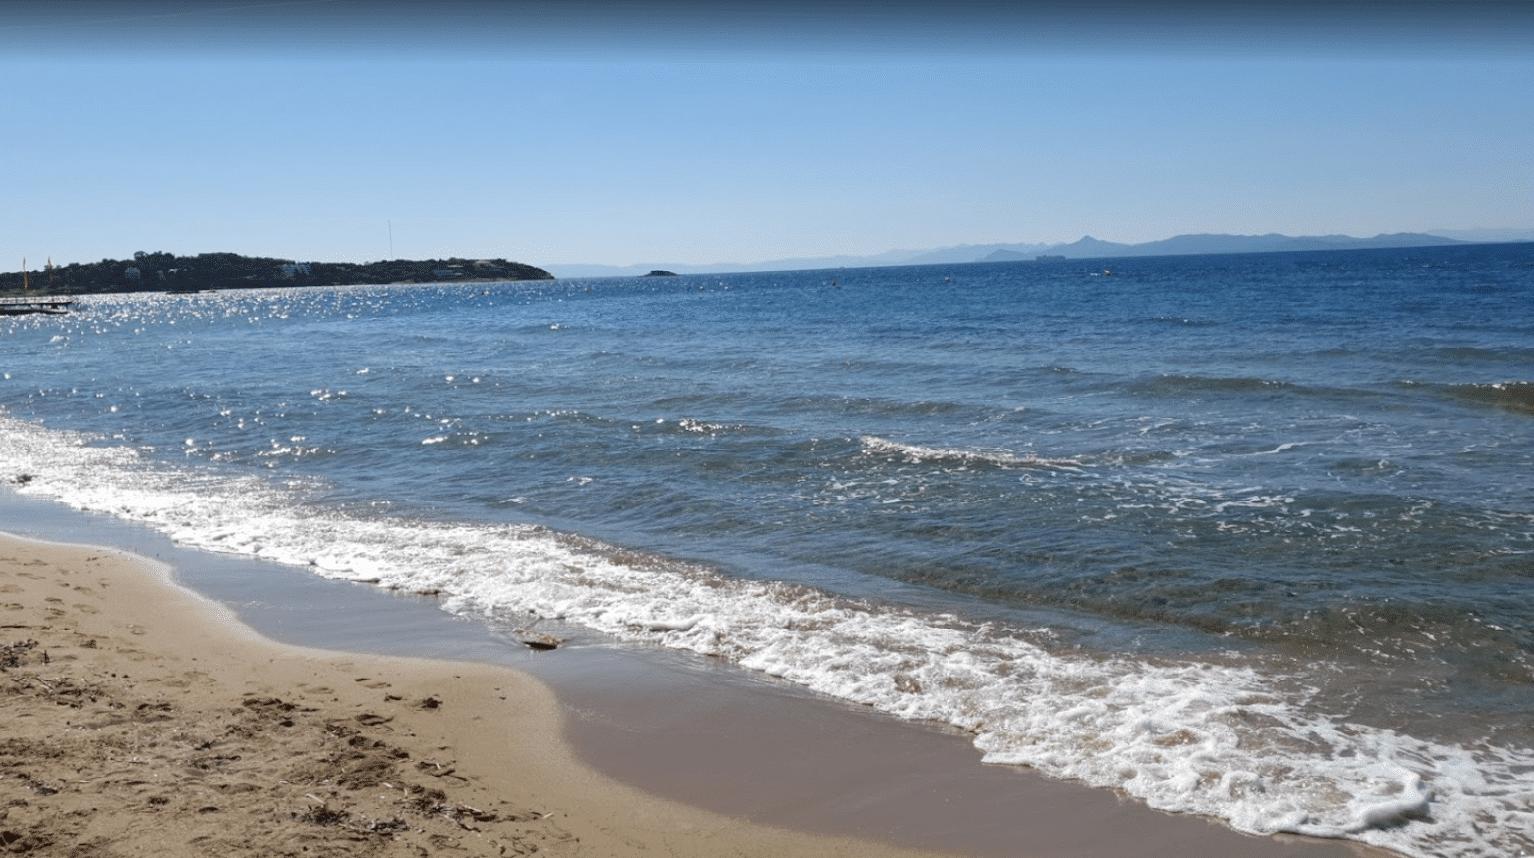 Τέσσερις παραλίες στην Αττική με ζεστά νερά2